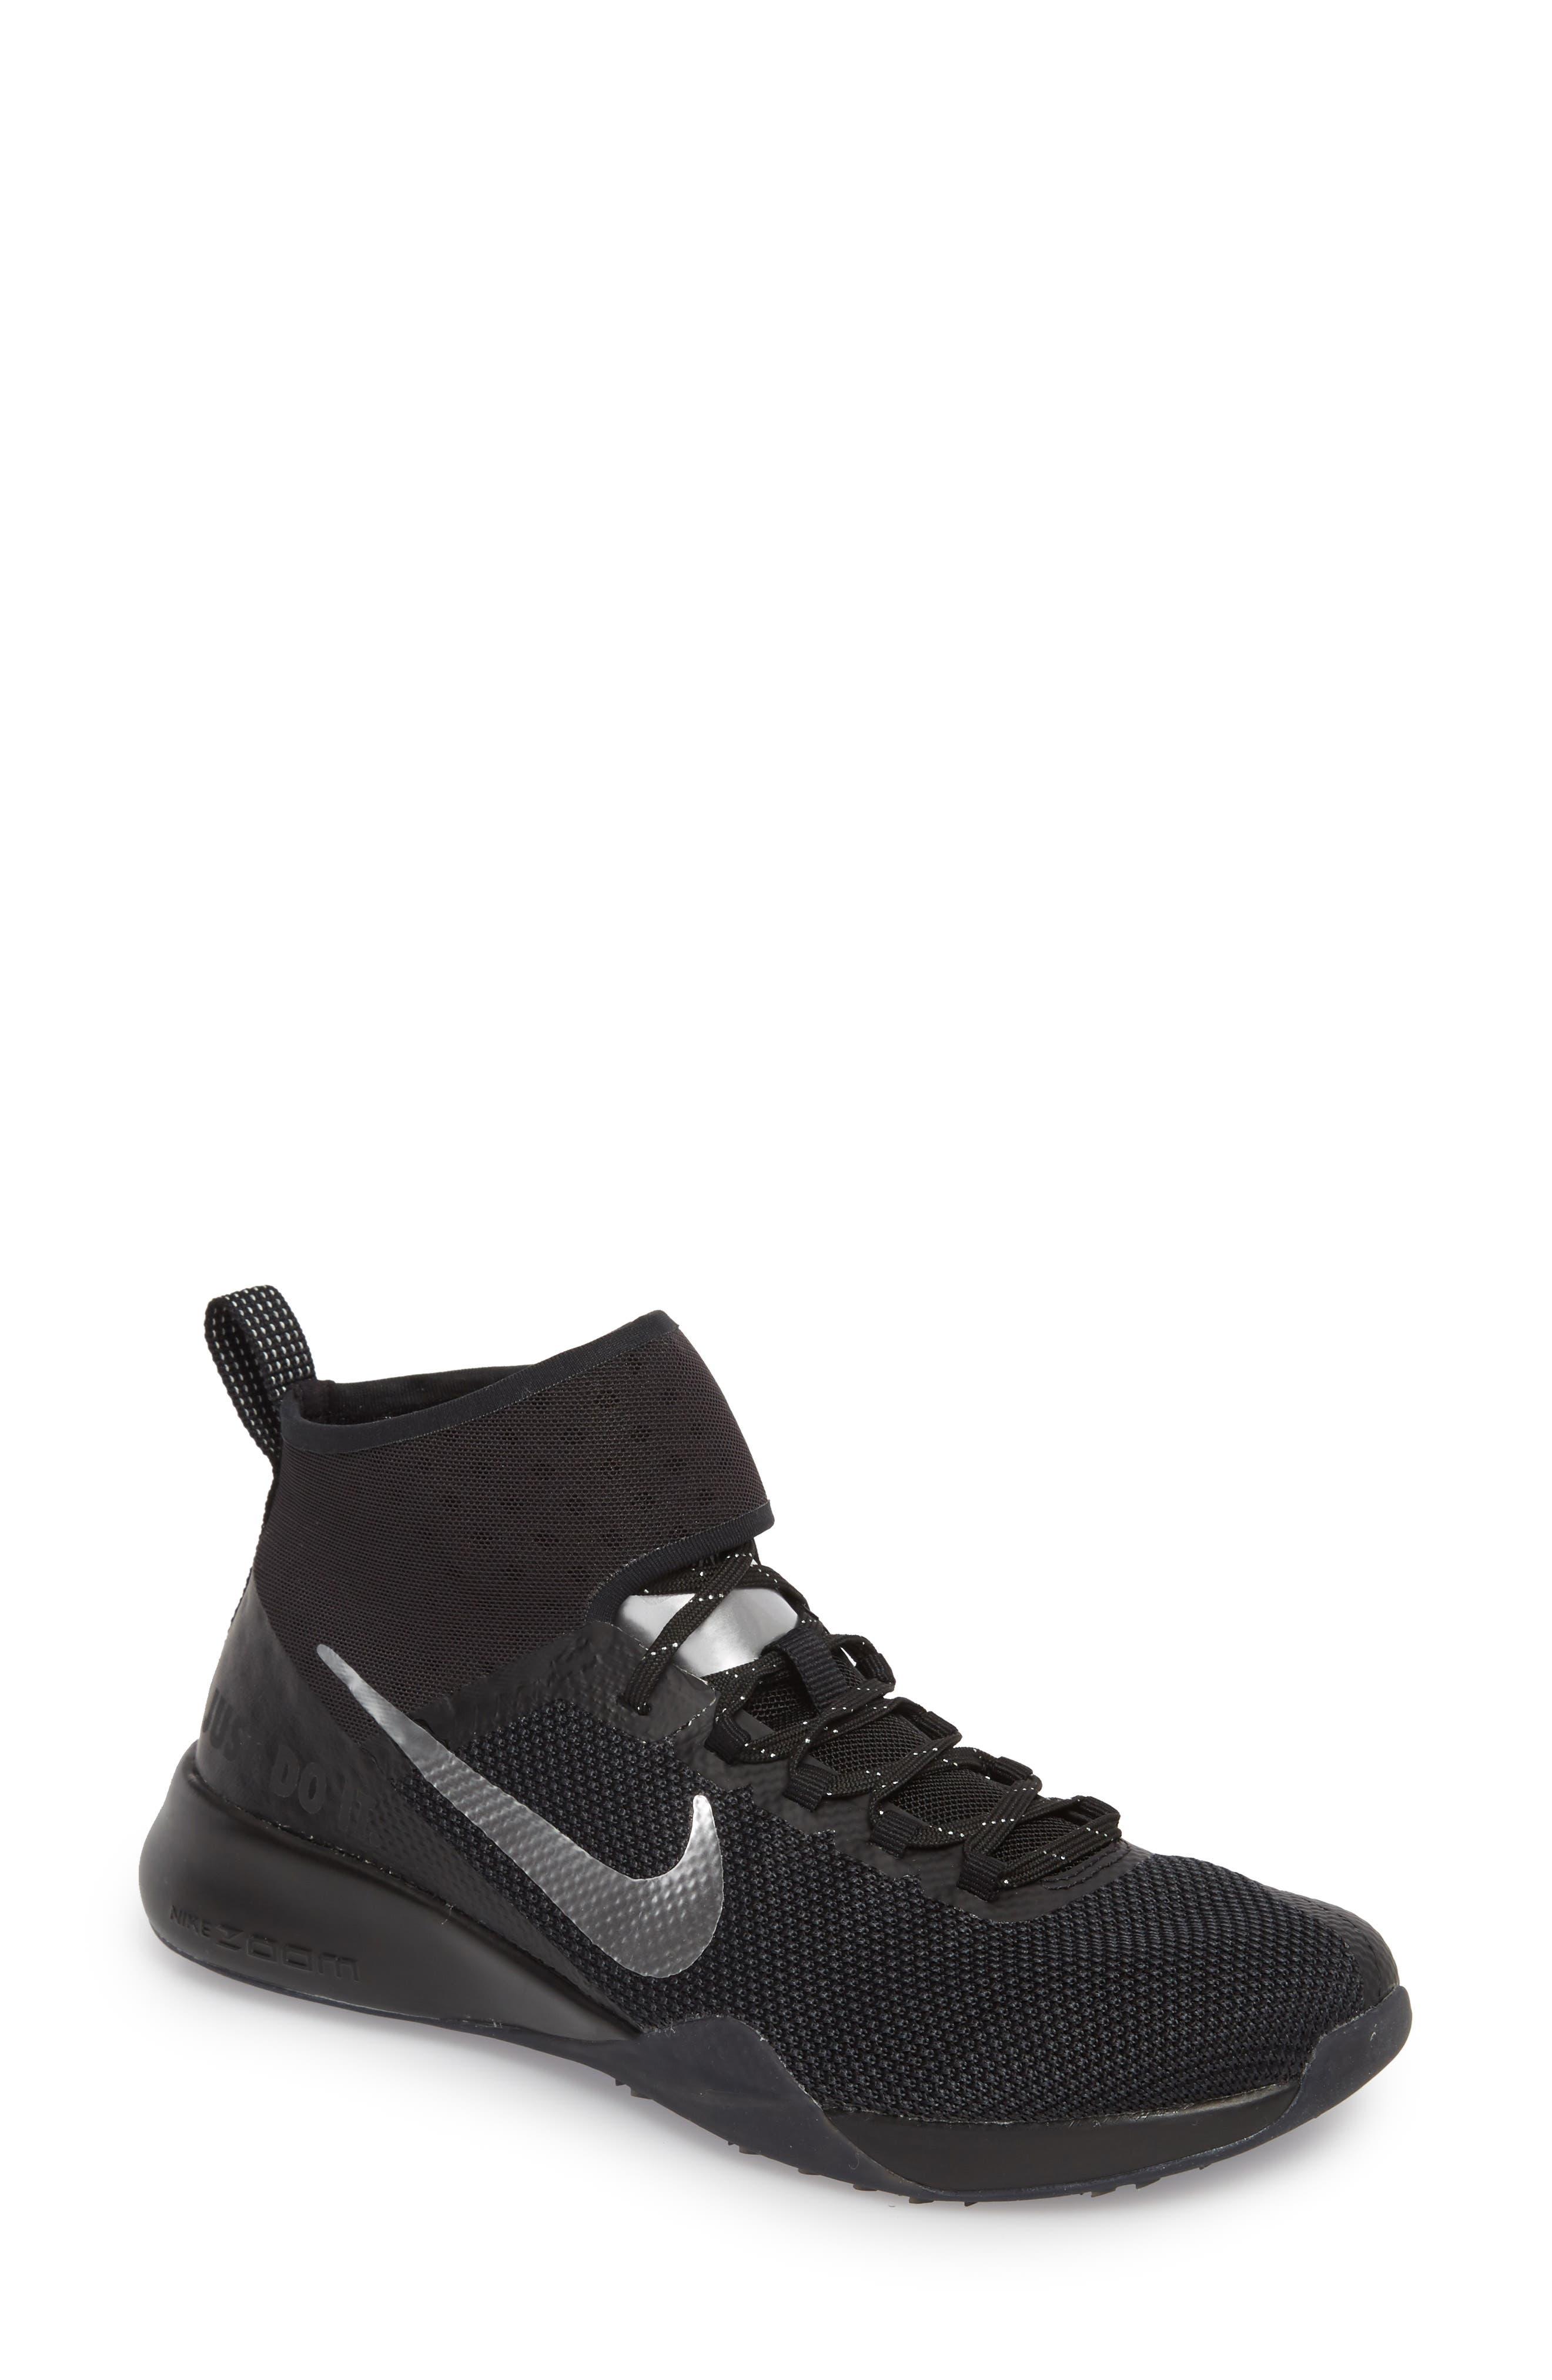 Main Image - Nike Air Zoom Strong 2 Selfie Training Shoe (Women)